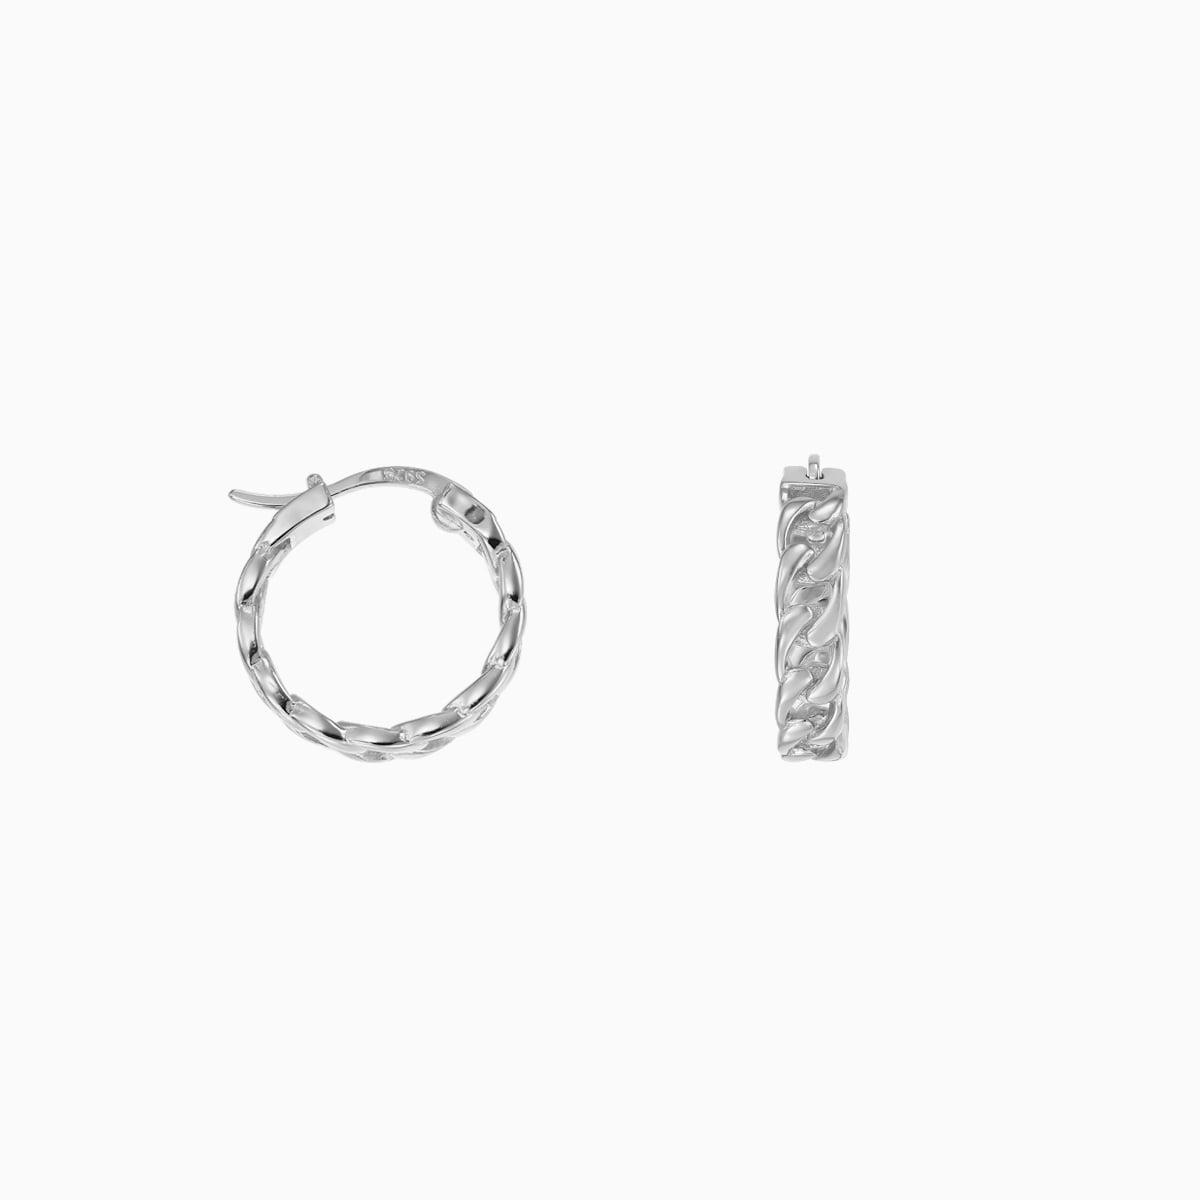 Cercei din argint Manissi Iron